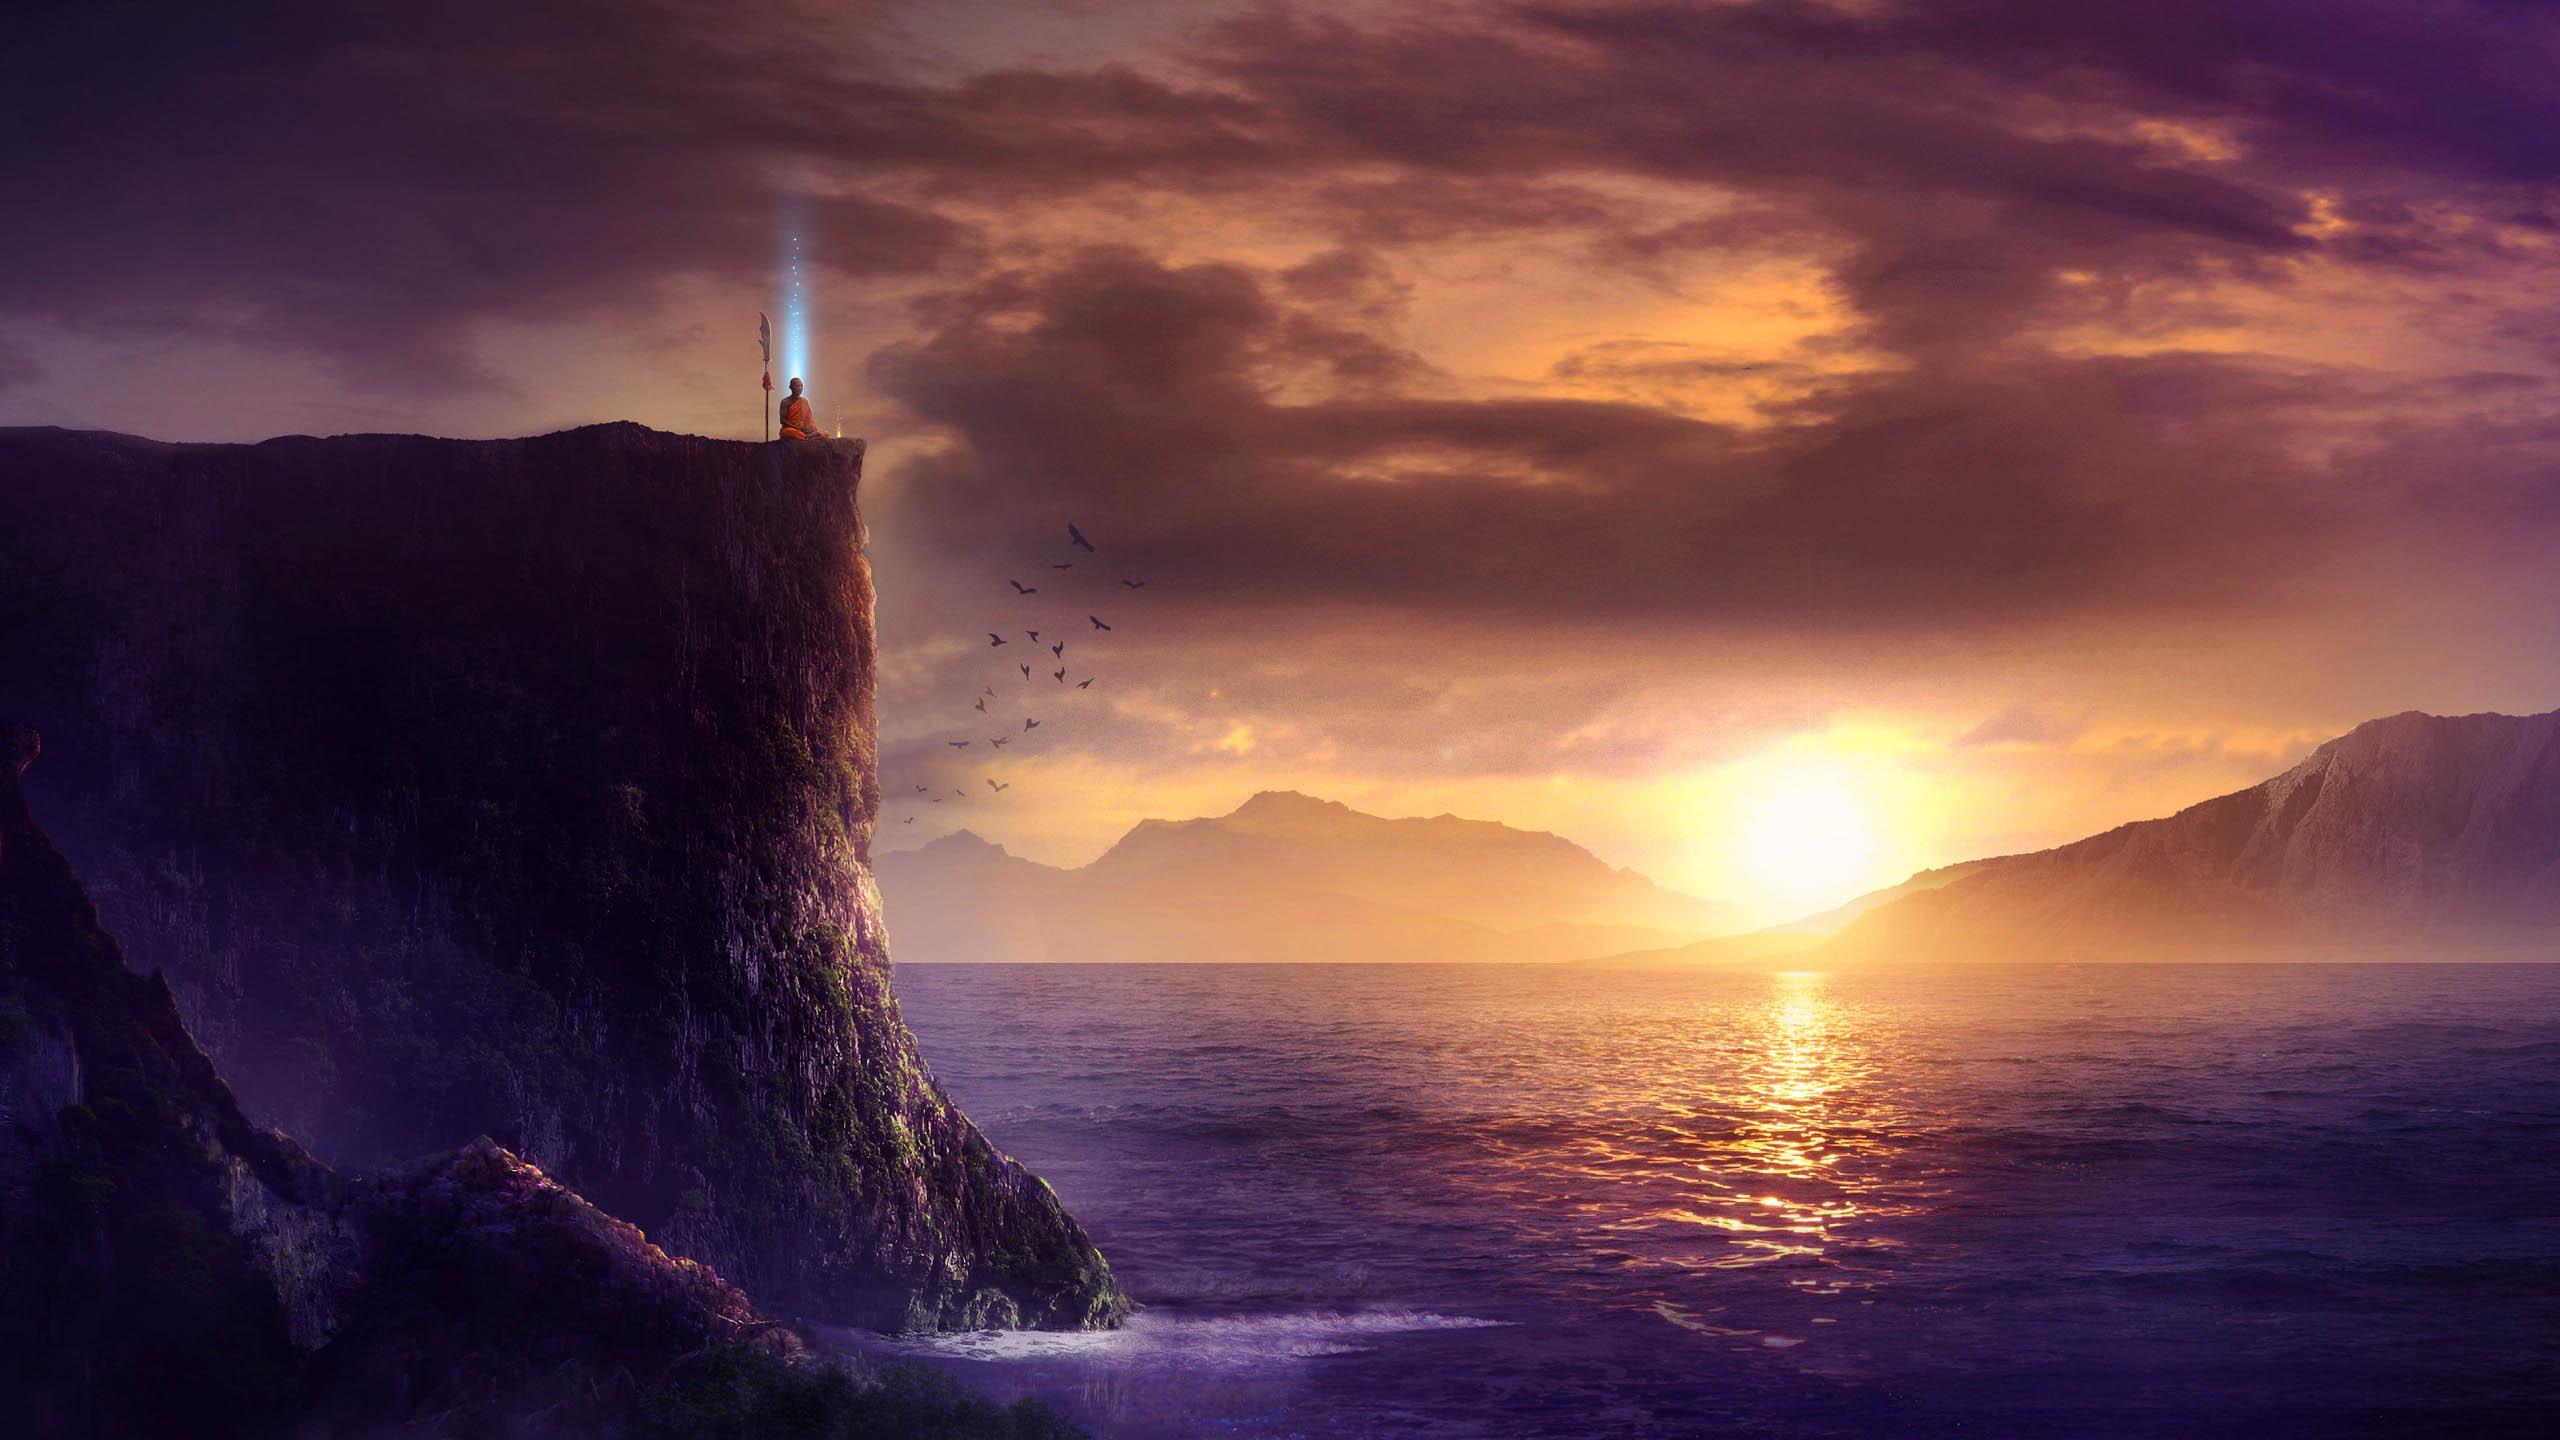 Solitudine, tramonto sulla scogliera